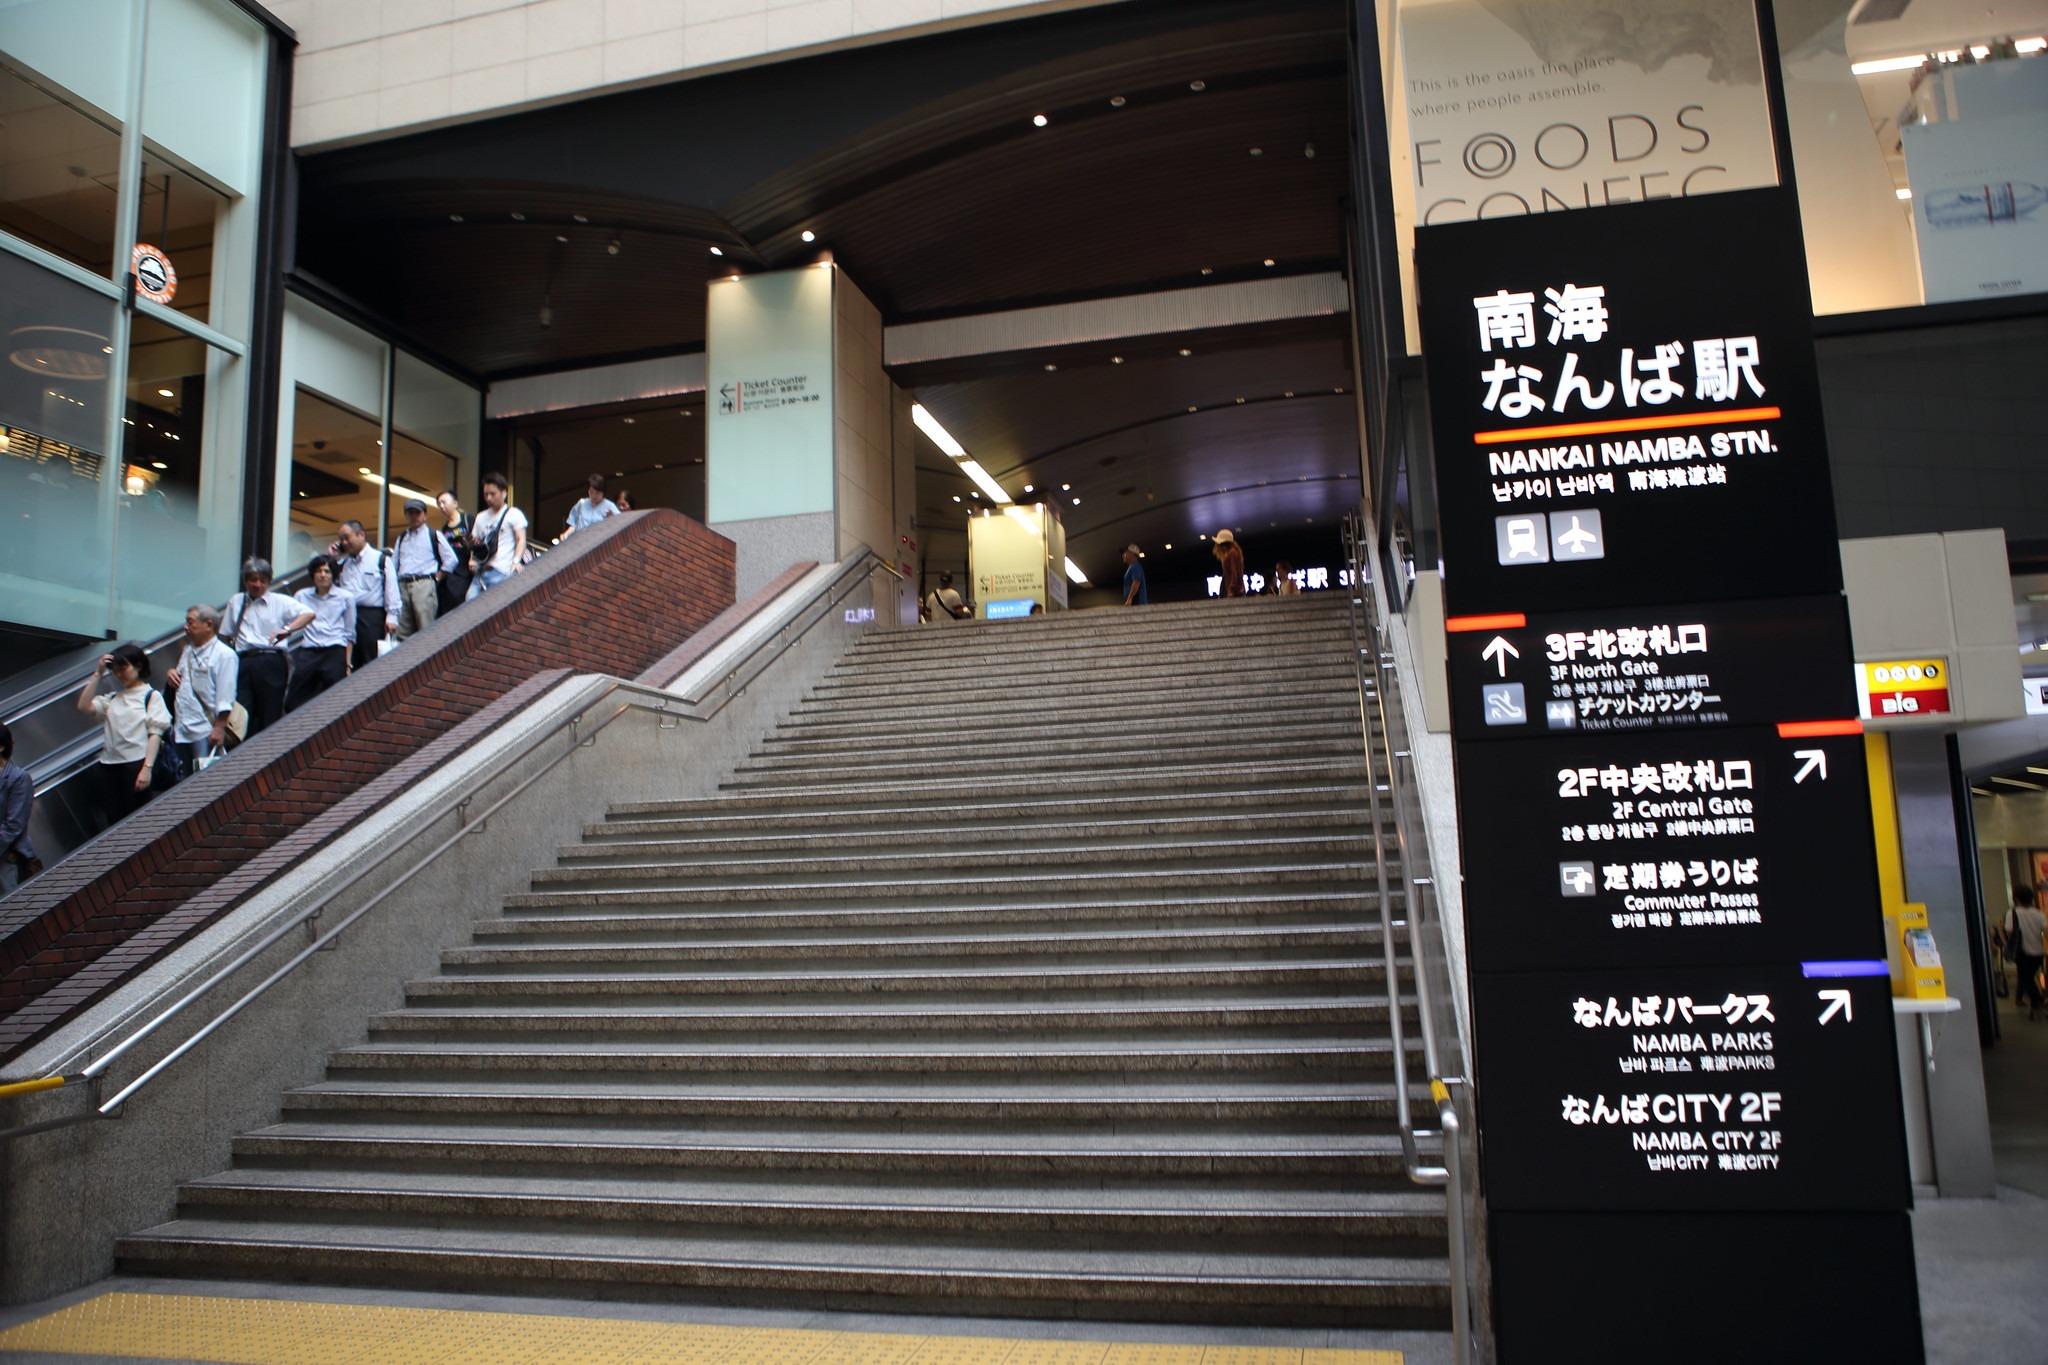 場所 大阪 駅 待ち合わせ